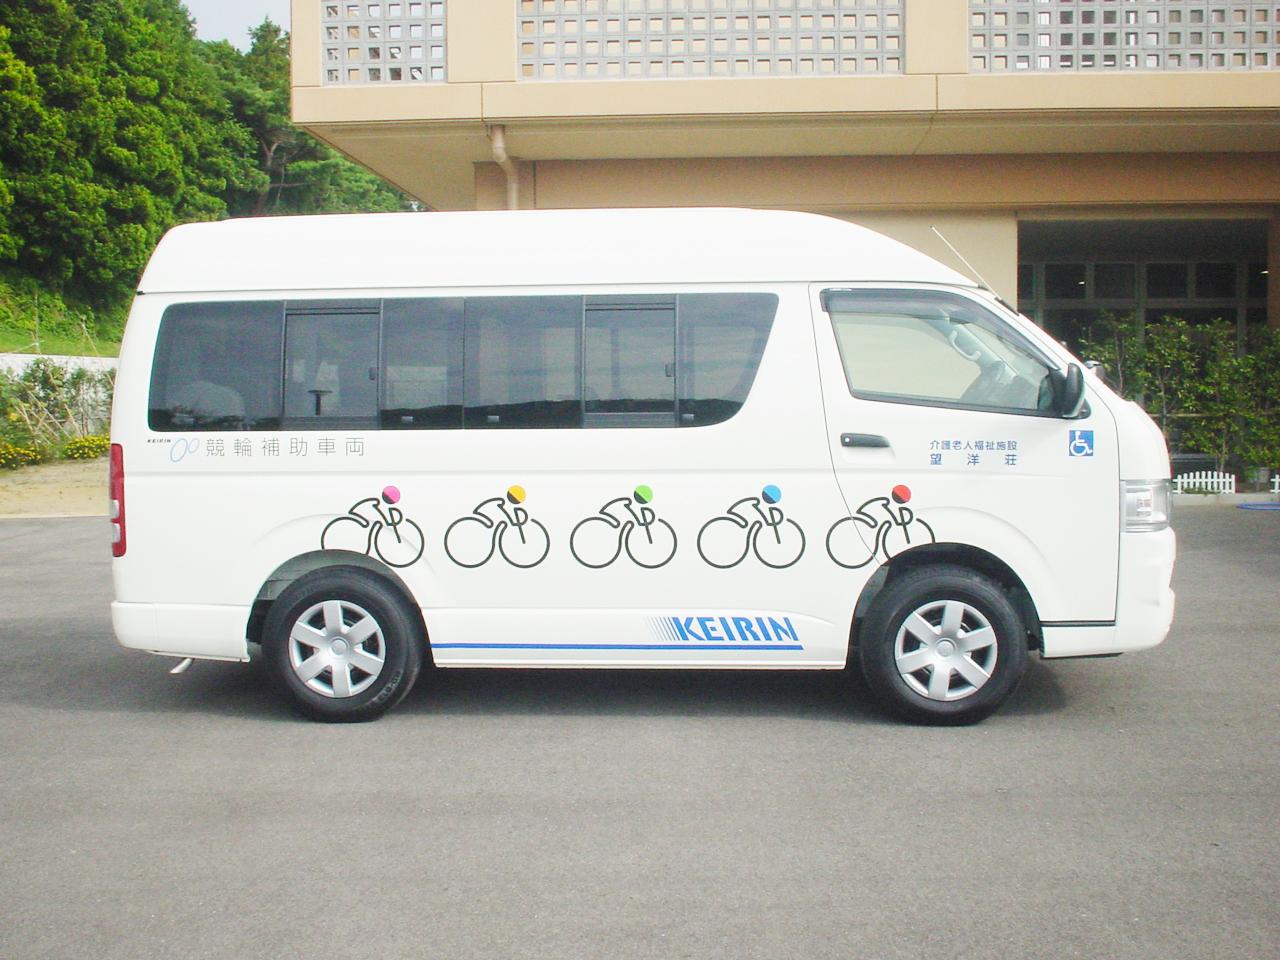 平成17年度老人福祉施設の車両整備補助事業